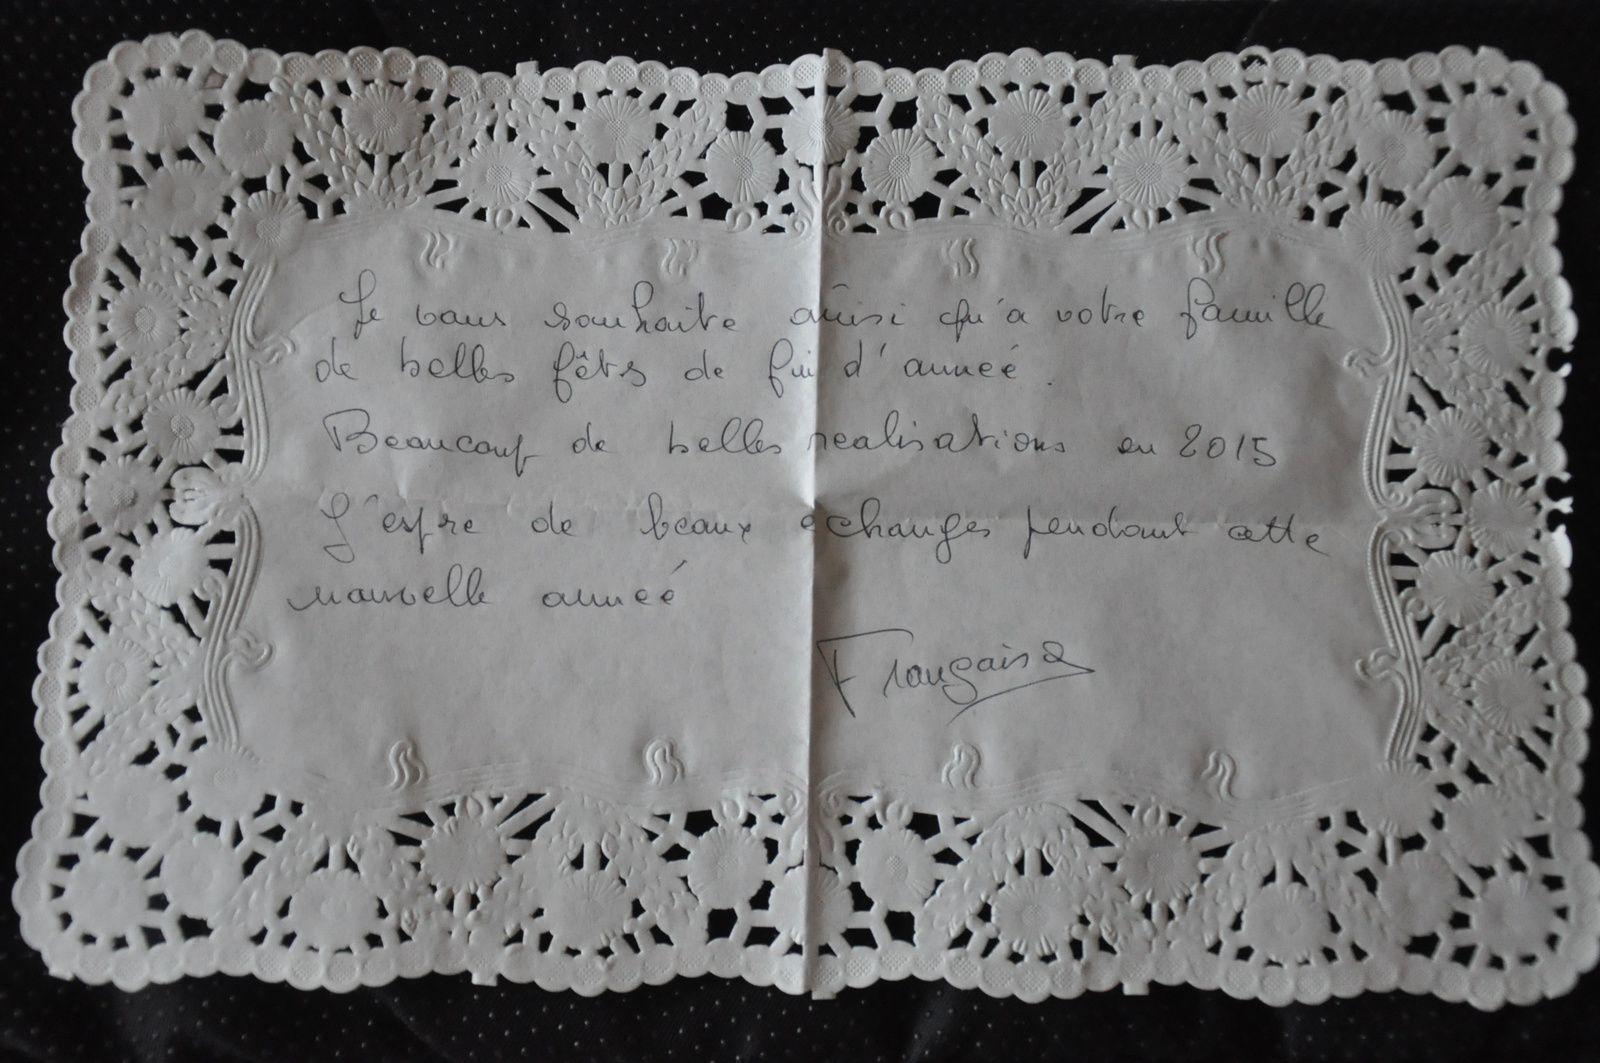 J'ai reçu ce magnifique Mail-ARt de Françoise Bourgon! BRAVO et MERCI!